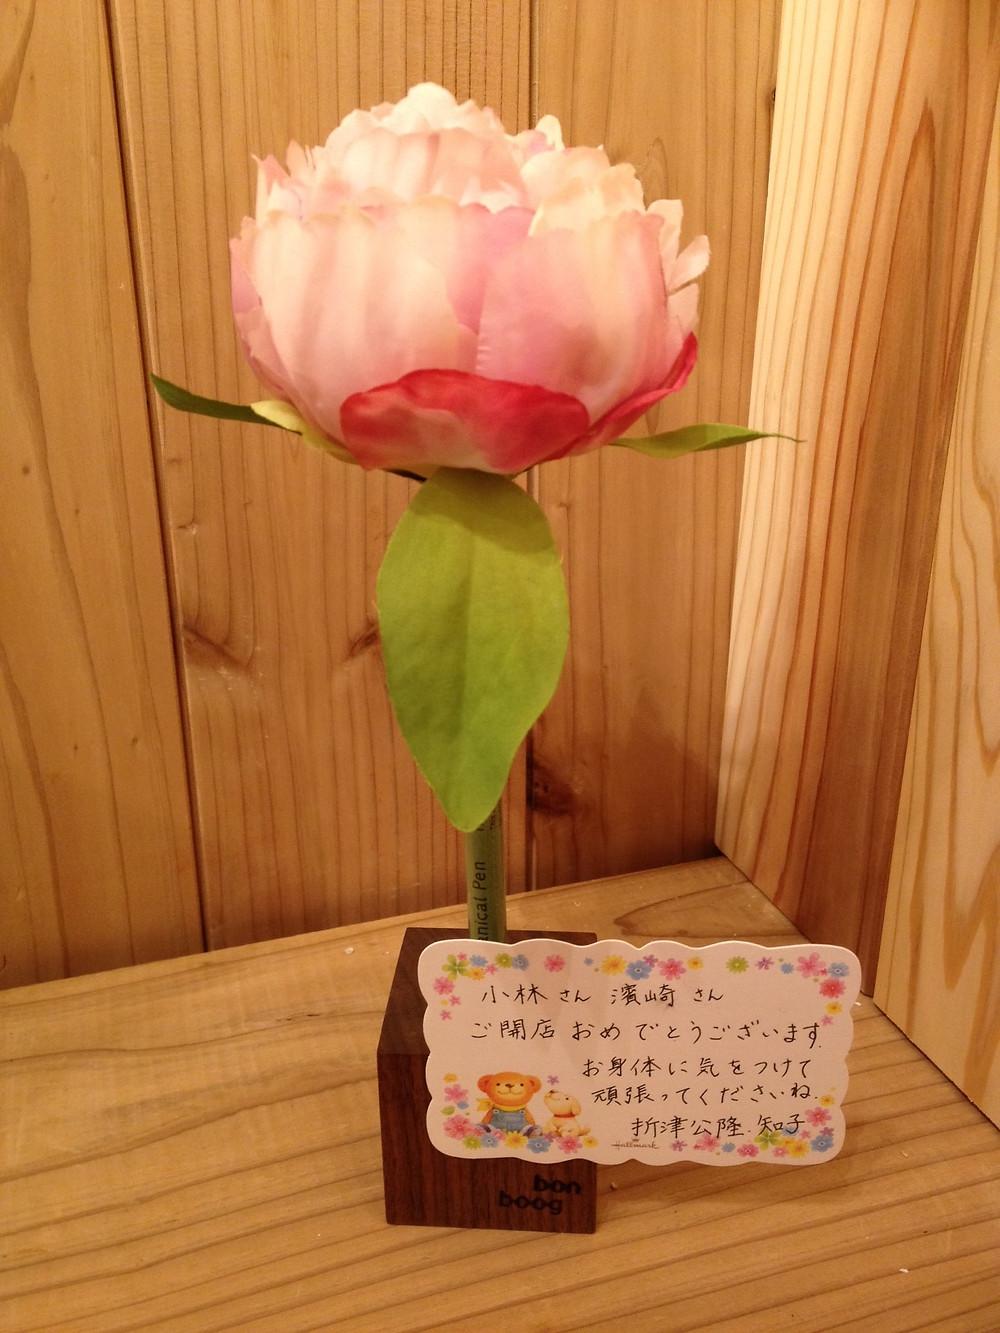 折津夫妻ありがとうございます